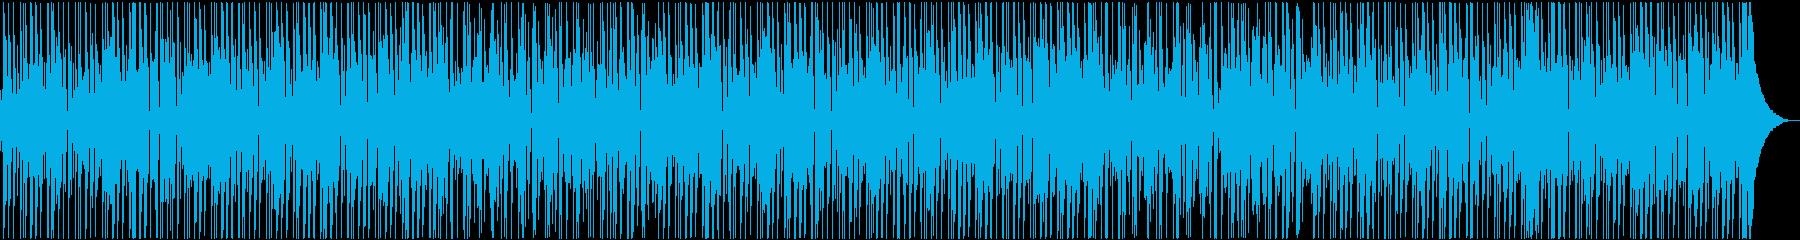 キレが良く、ファンキーなボサノバ風BGMの再生済みの波形